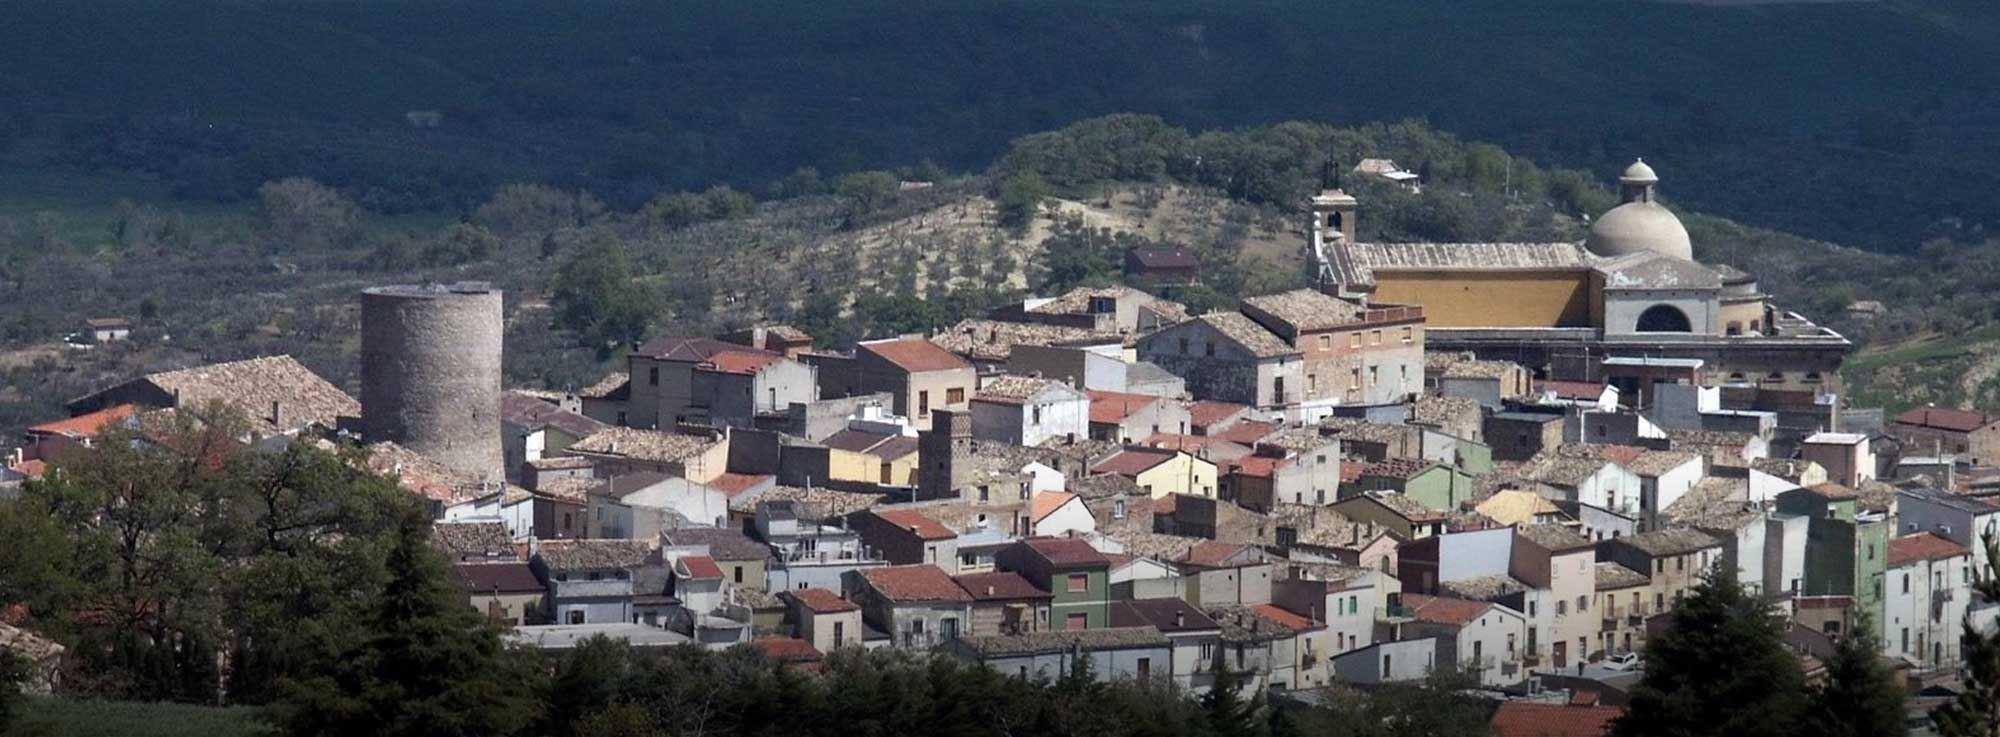 Biccari: Festa Nazionale dei Borghi Autentici d'Italia